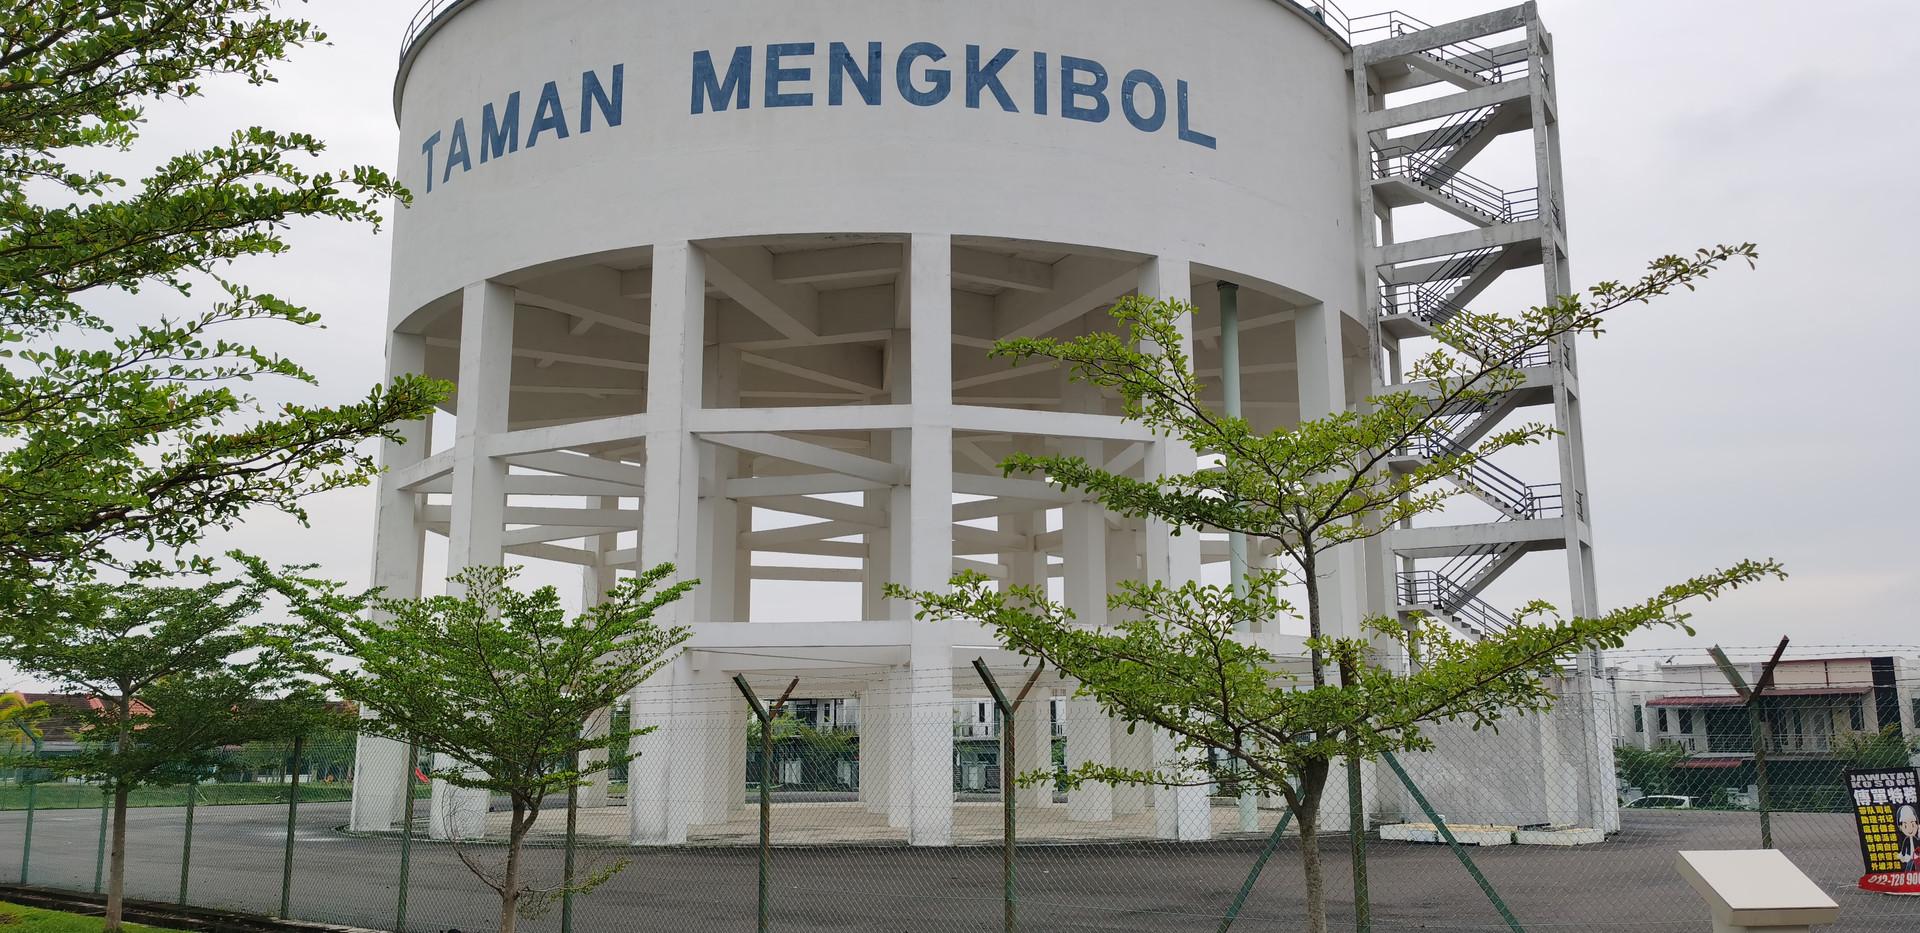 Taman Mengkibol